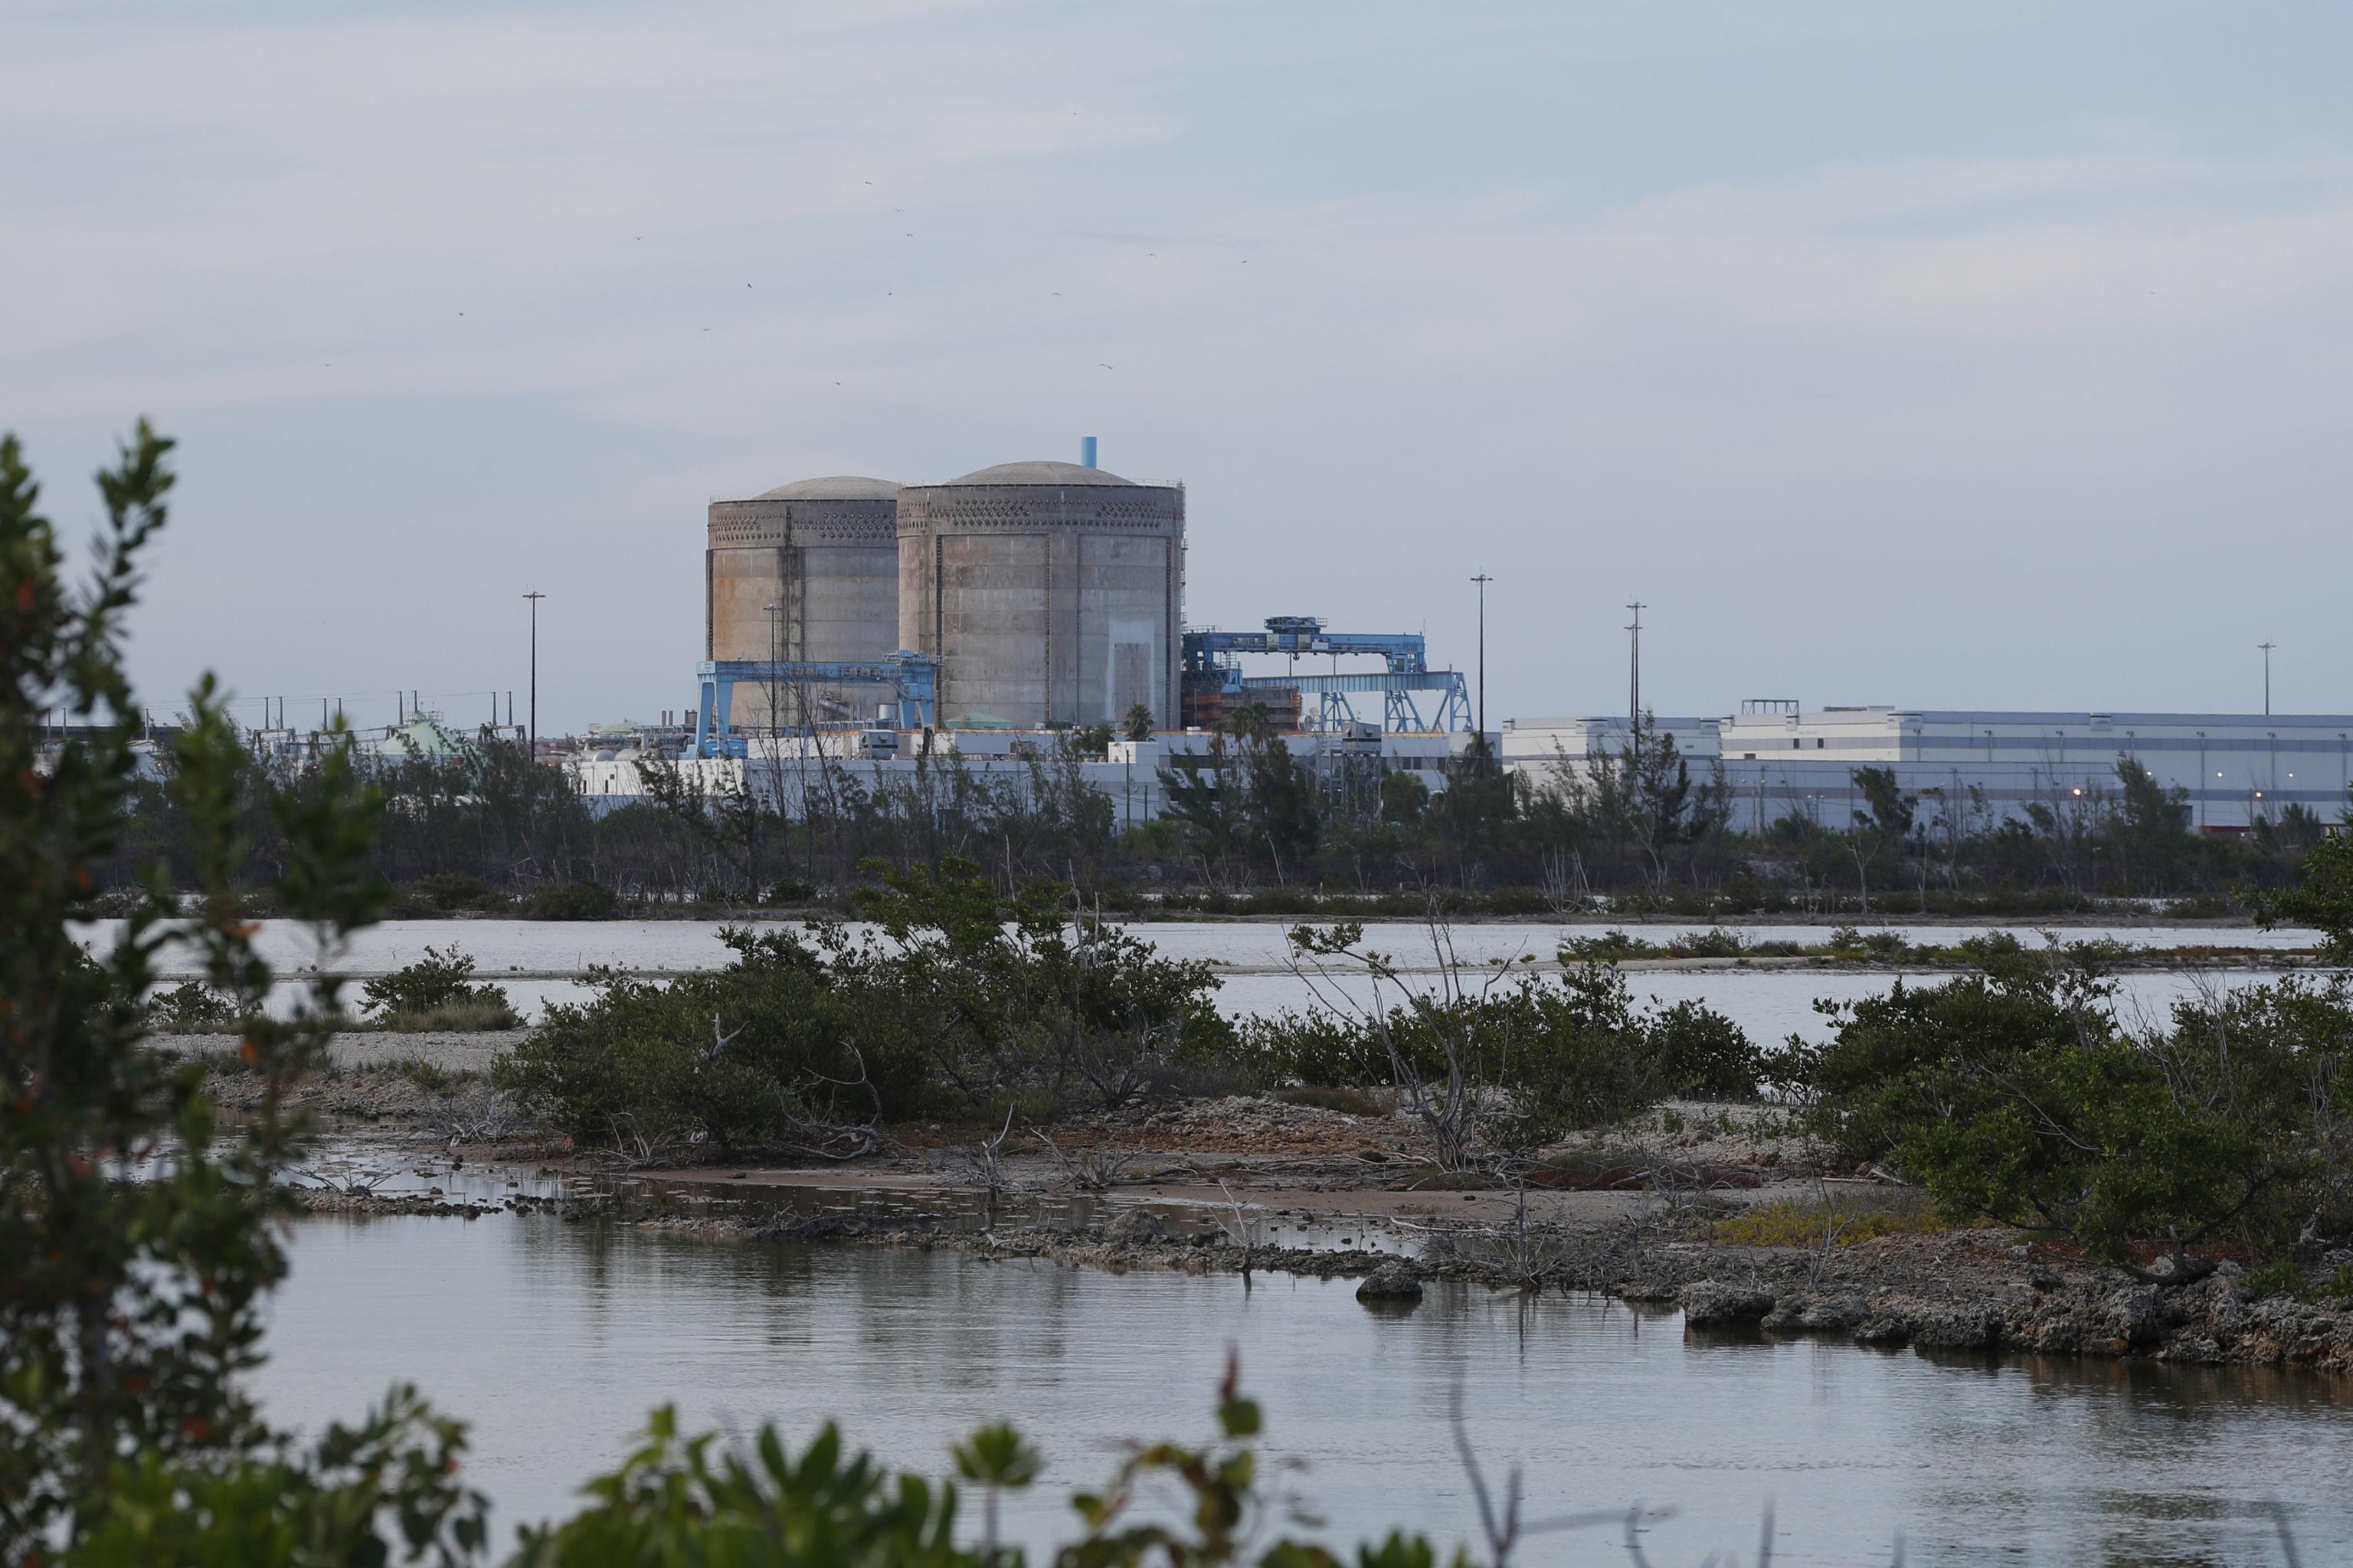 Canais hídricos perto da usina nuclear Florida Power & Light's Turkey Point (FPL), nos EUA